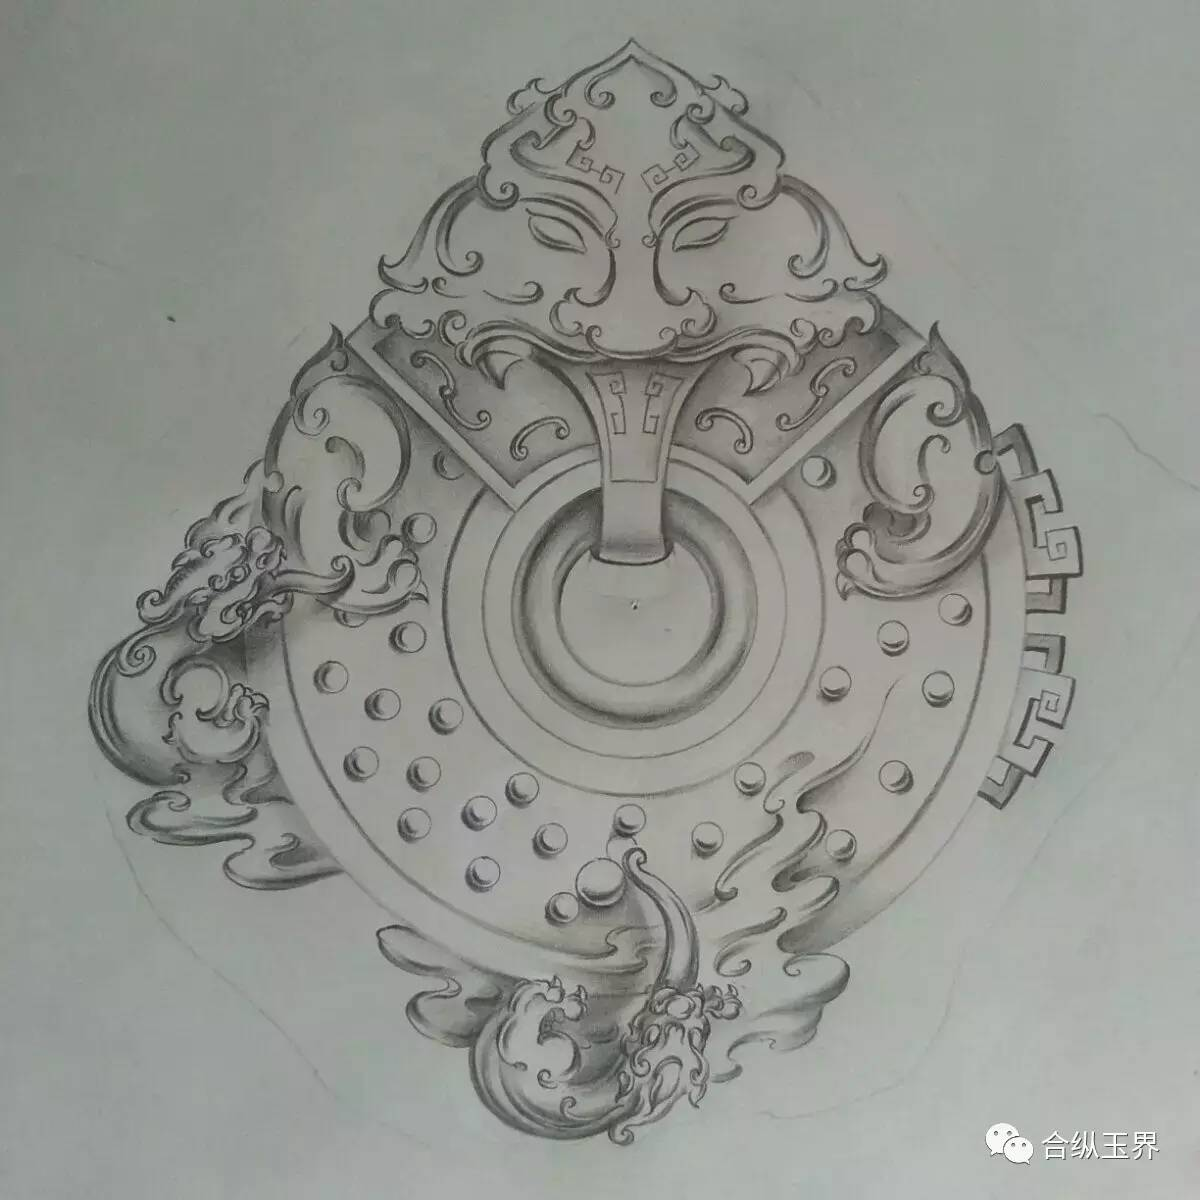 速看——绝美的玉雕设计画稿!